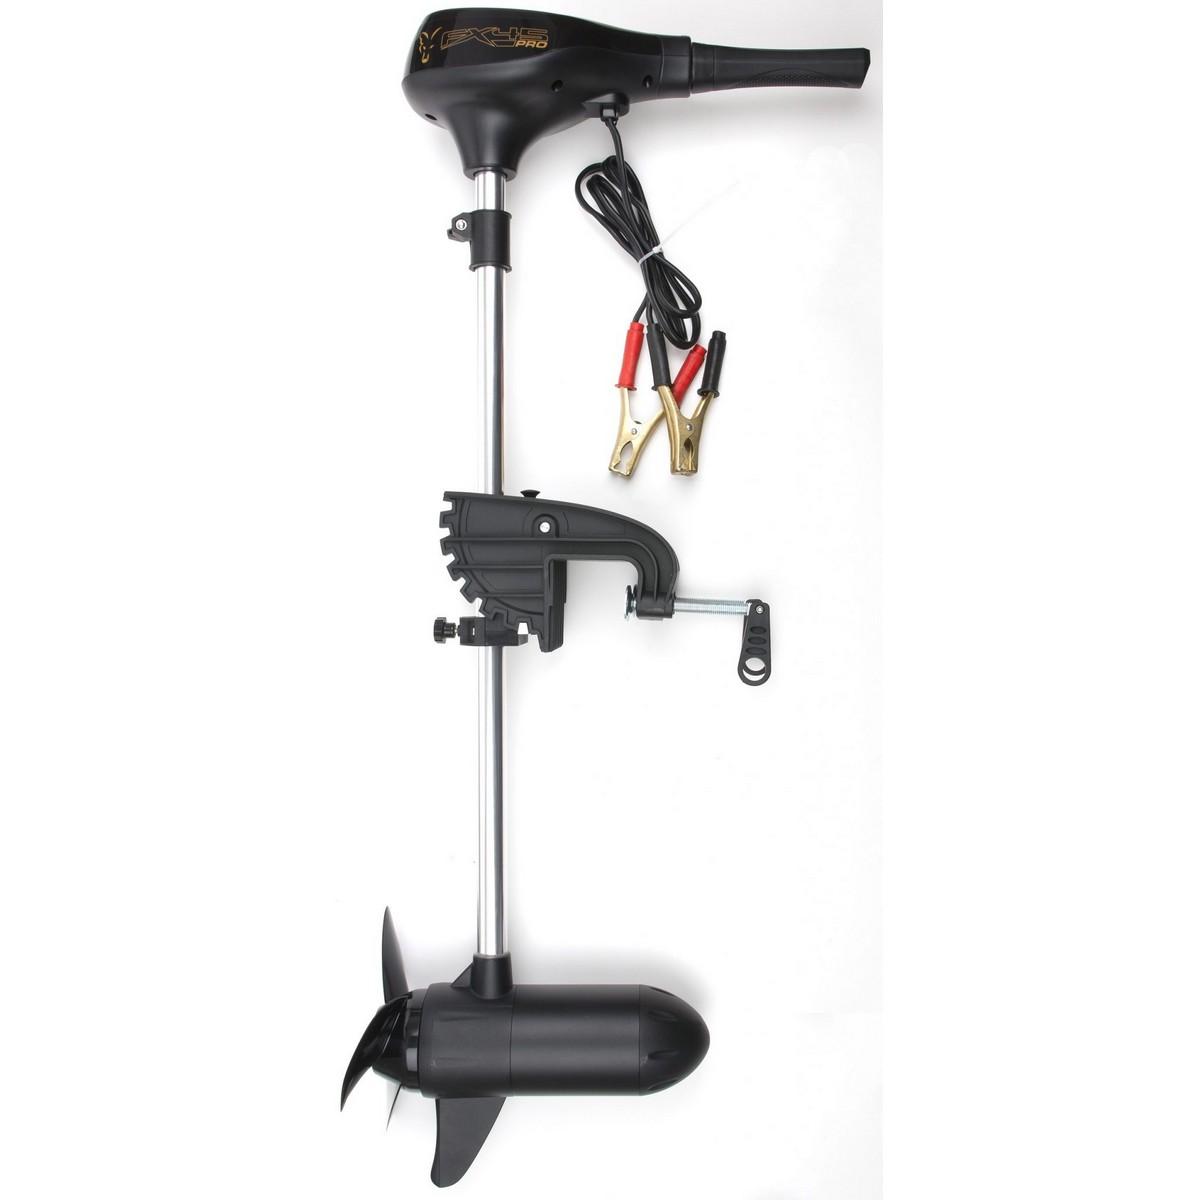 Електрически извънбордов двигател Fox FX Pro 45lbs 3 Blade Prop